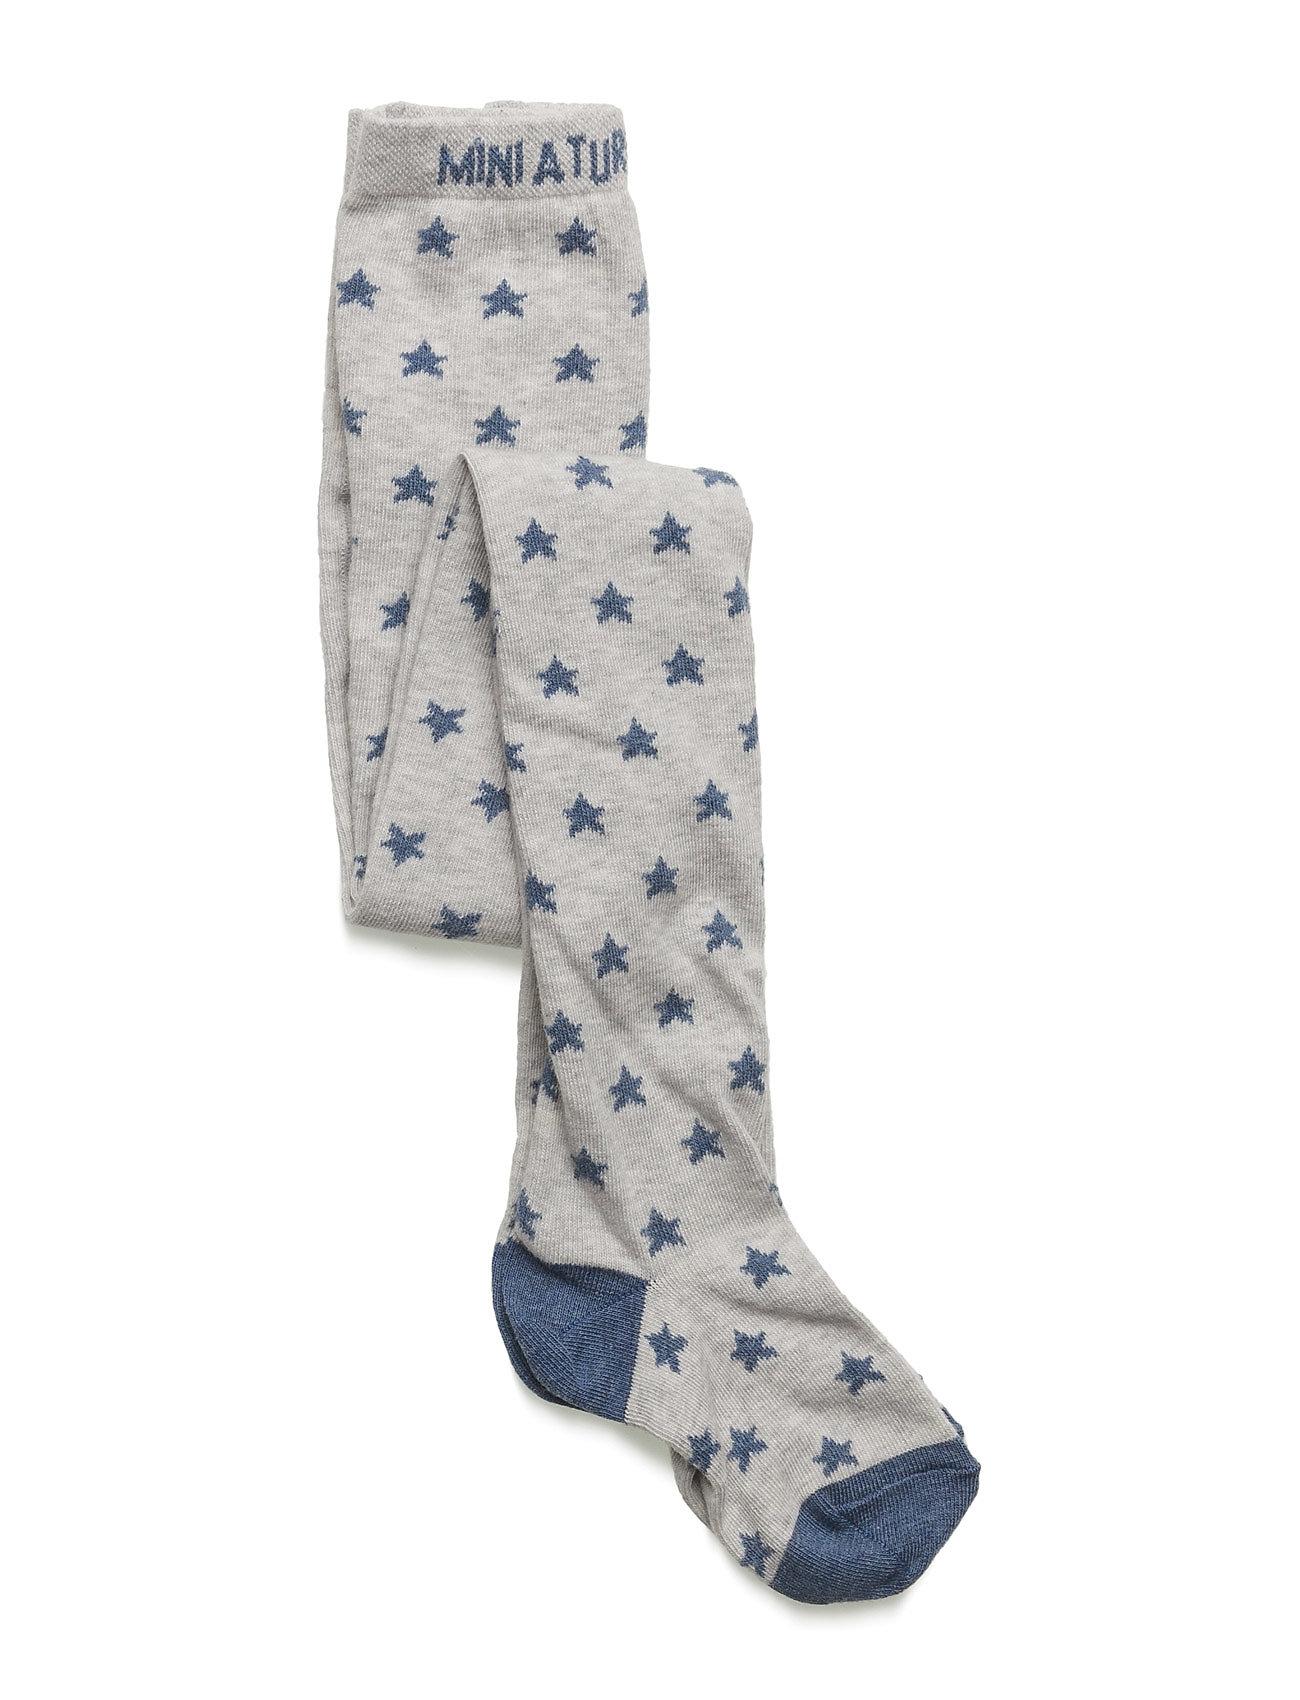 Riff, Bm Stocking Mini A Ture Strømper & Strømpebukser til Børn i Light Grey Melange